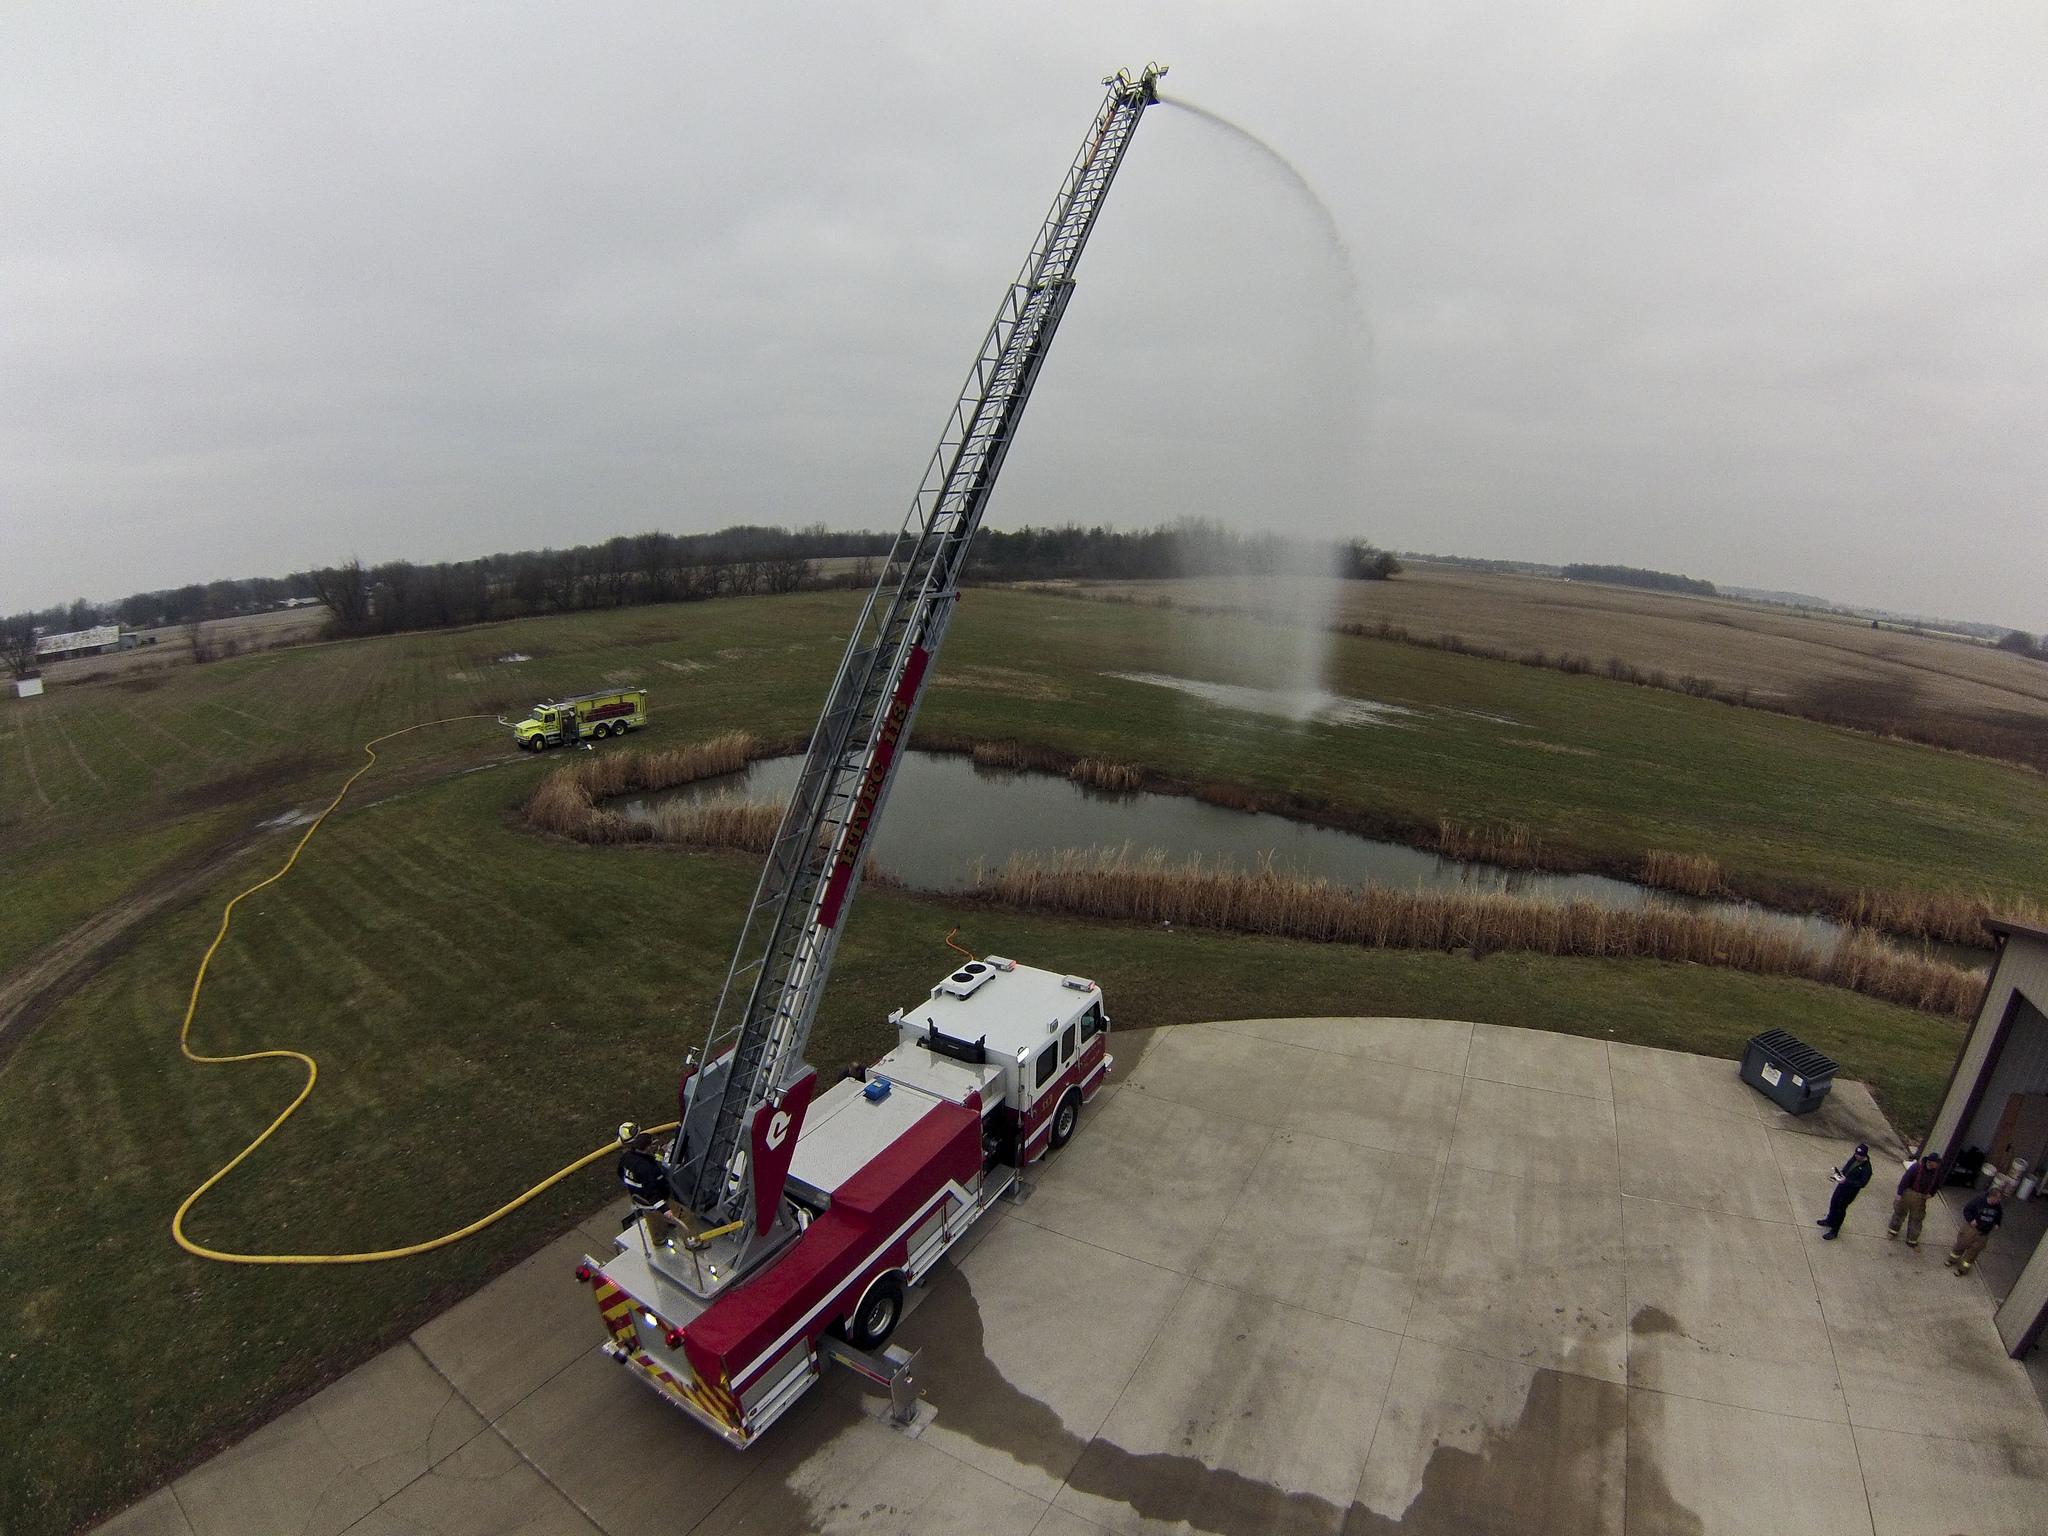 Aerial Testing, Daniel Fleming December 14, 2014